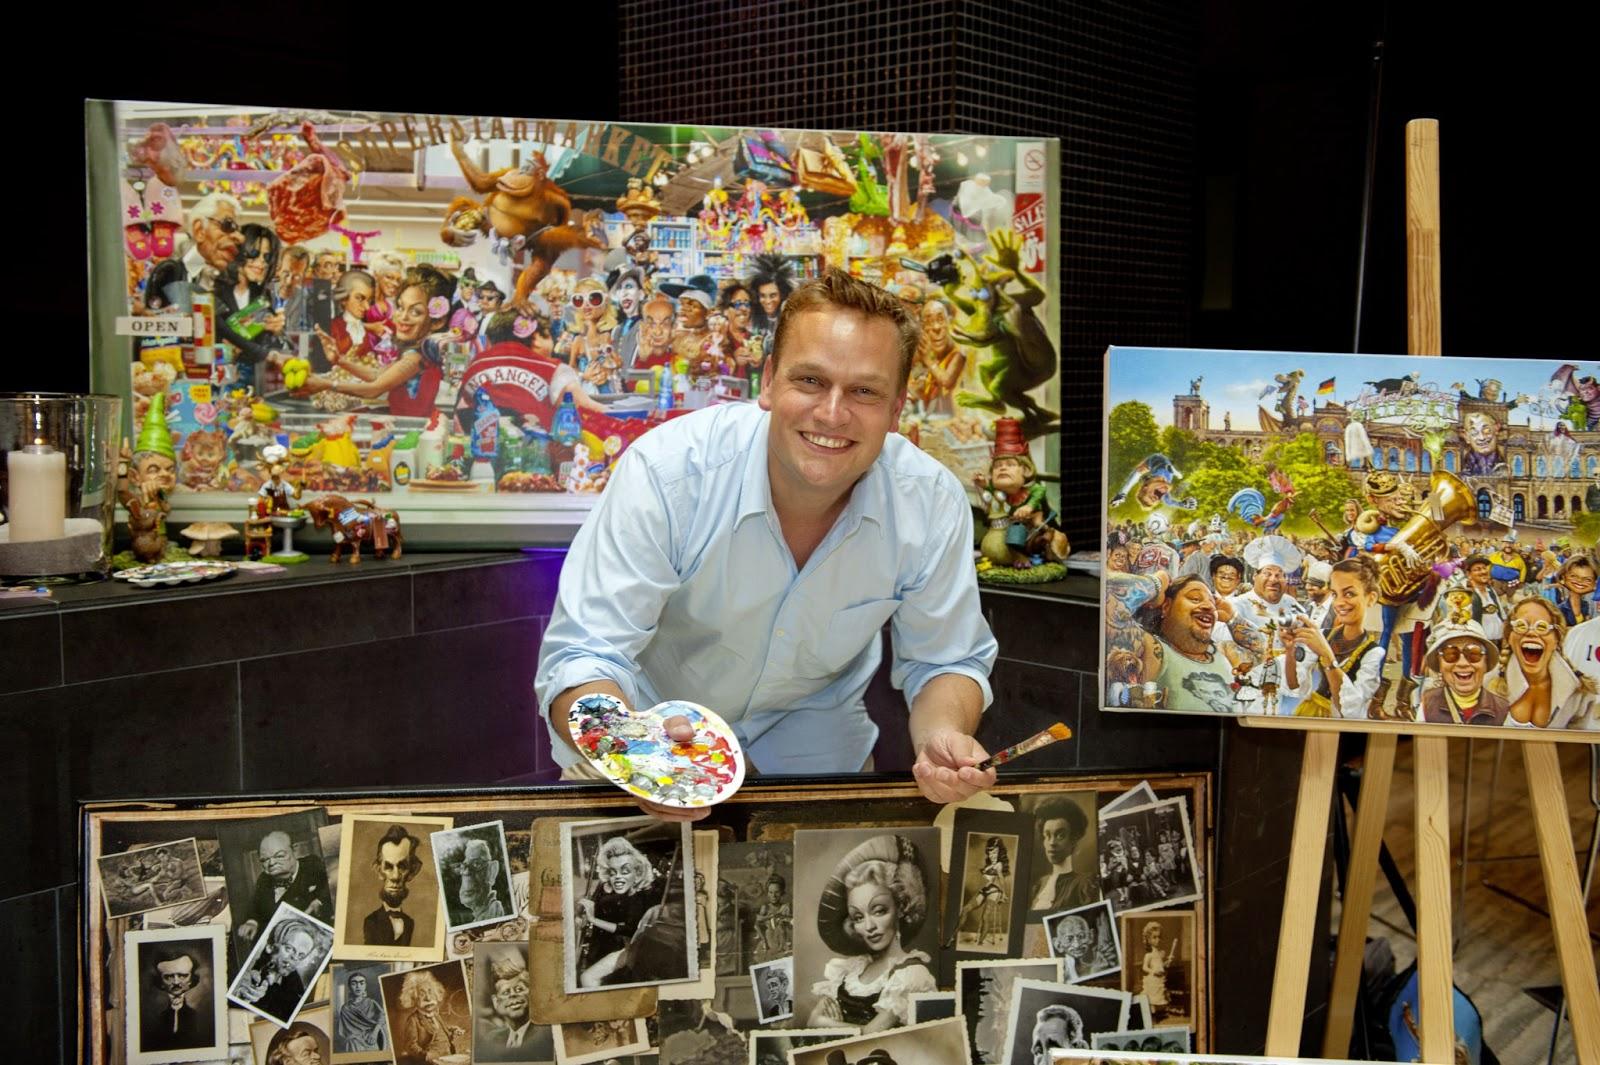 Künstler München Maler bernhard prinz der münchner künstler bernhard prinz mitten in münchen